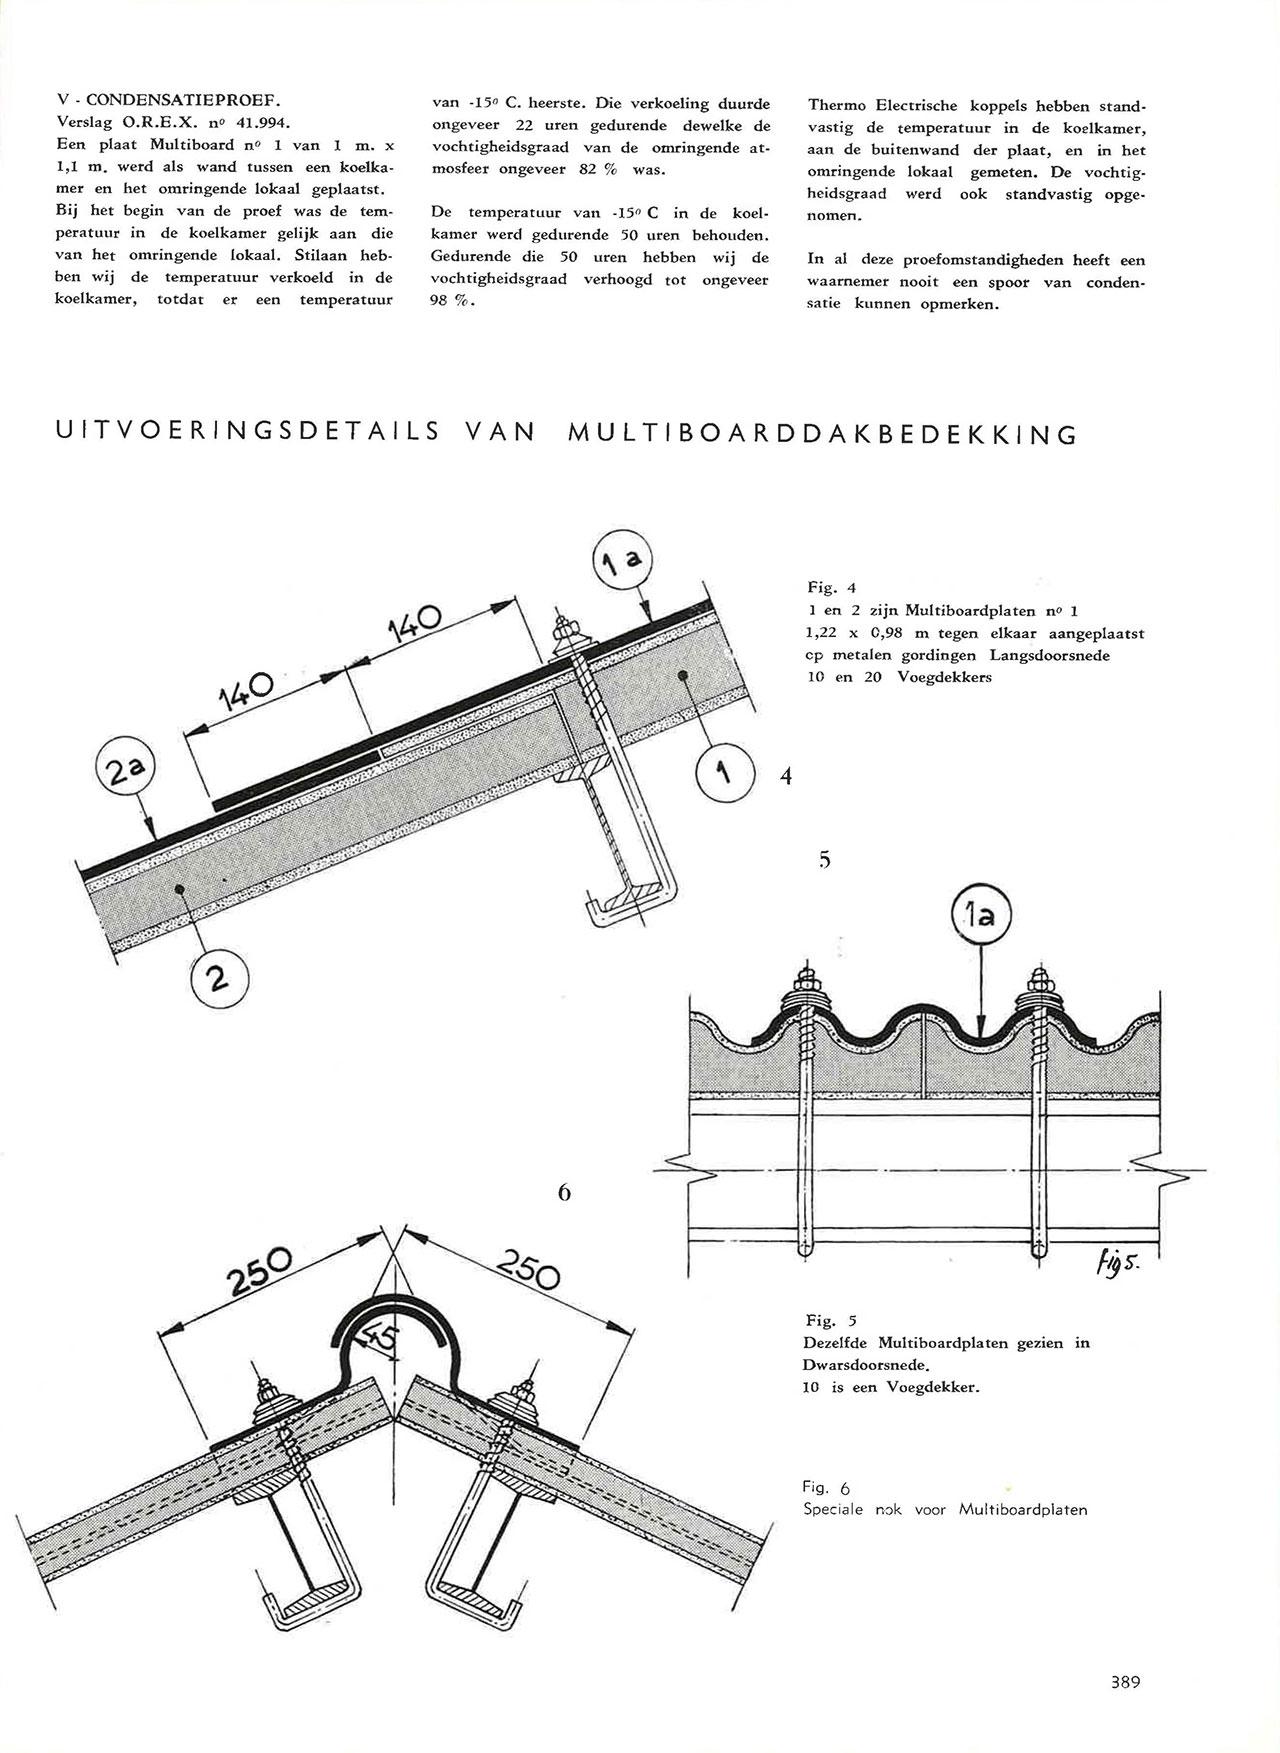 S.V.K. Multiboardplaten